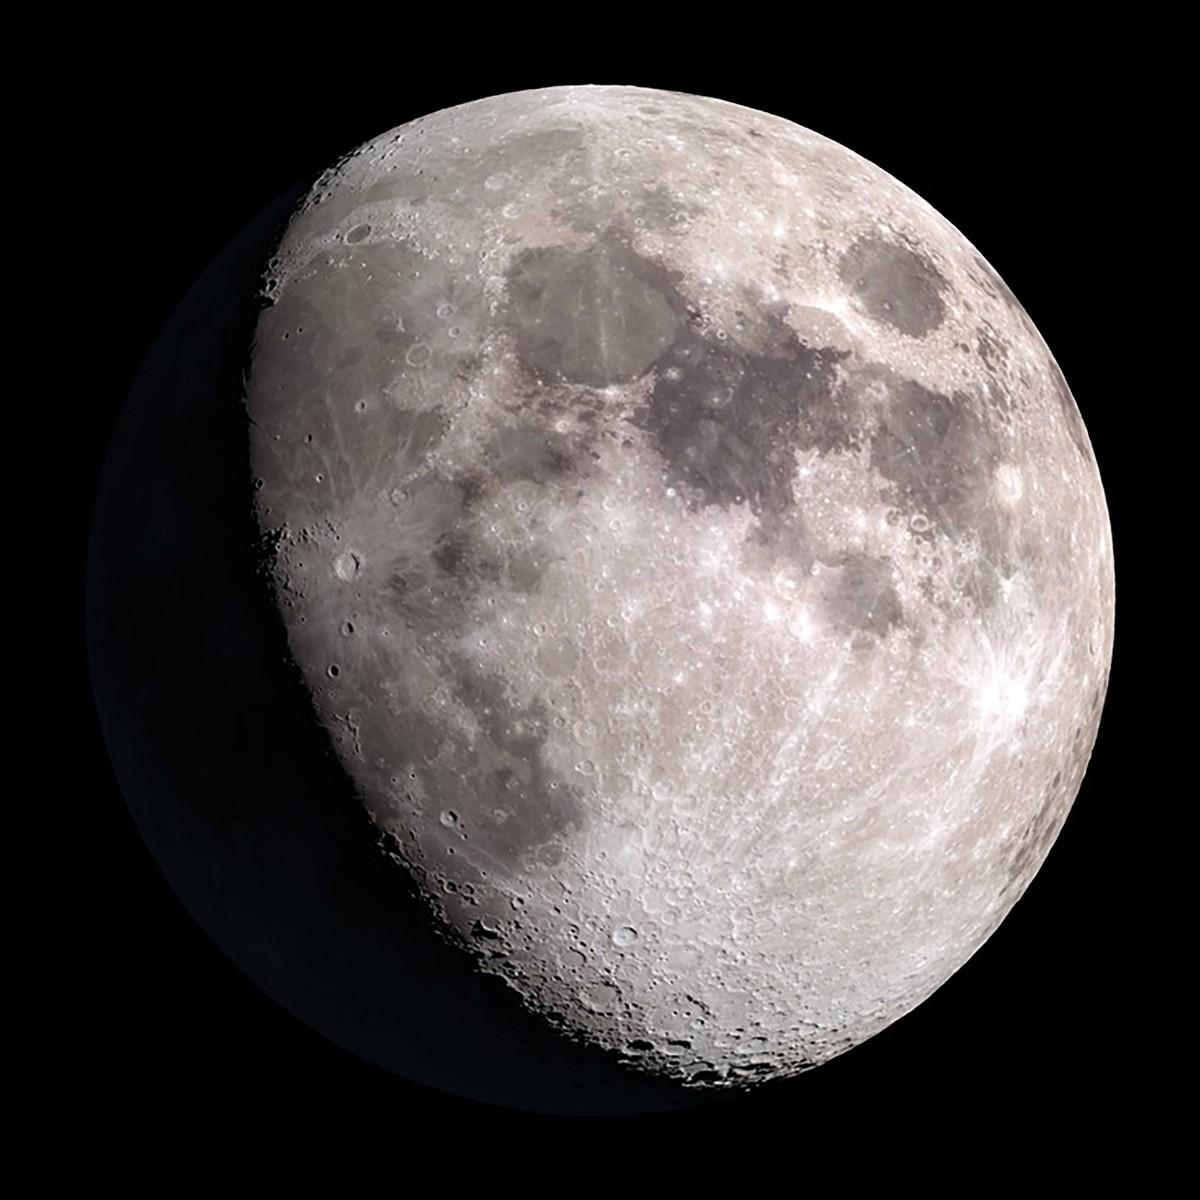 2017 nasa moon phase today - photo #39